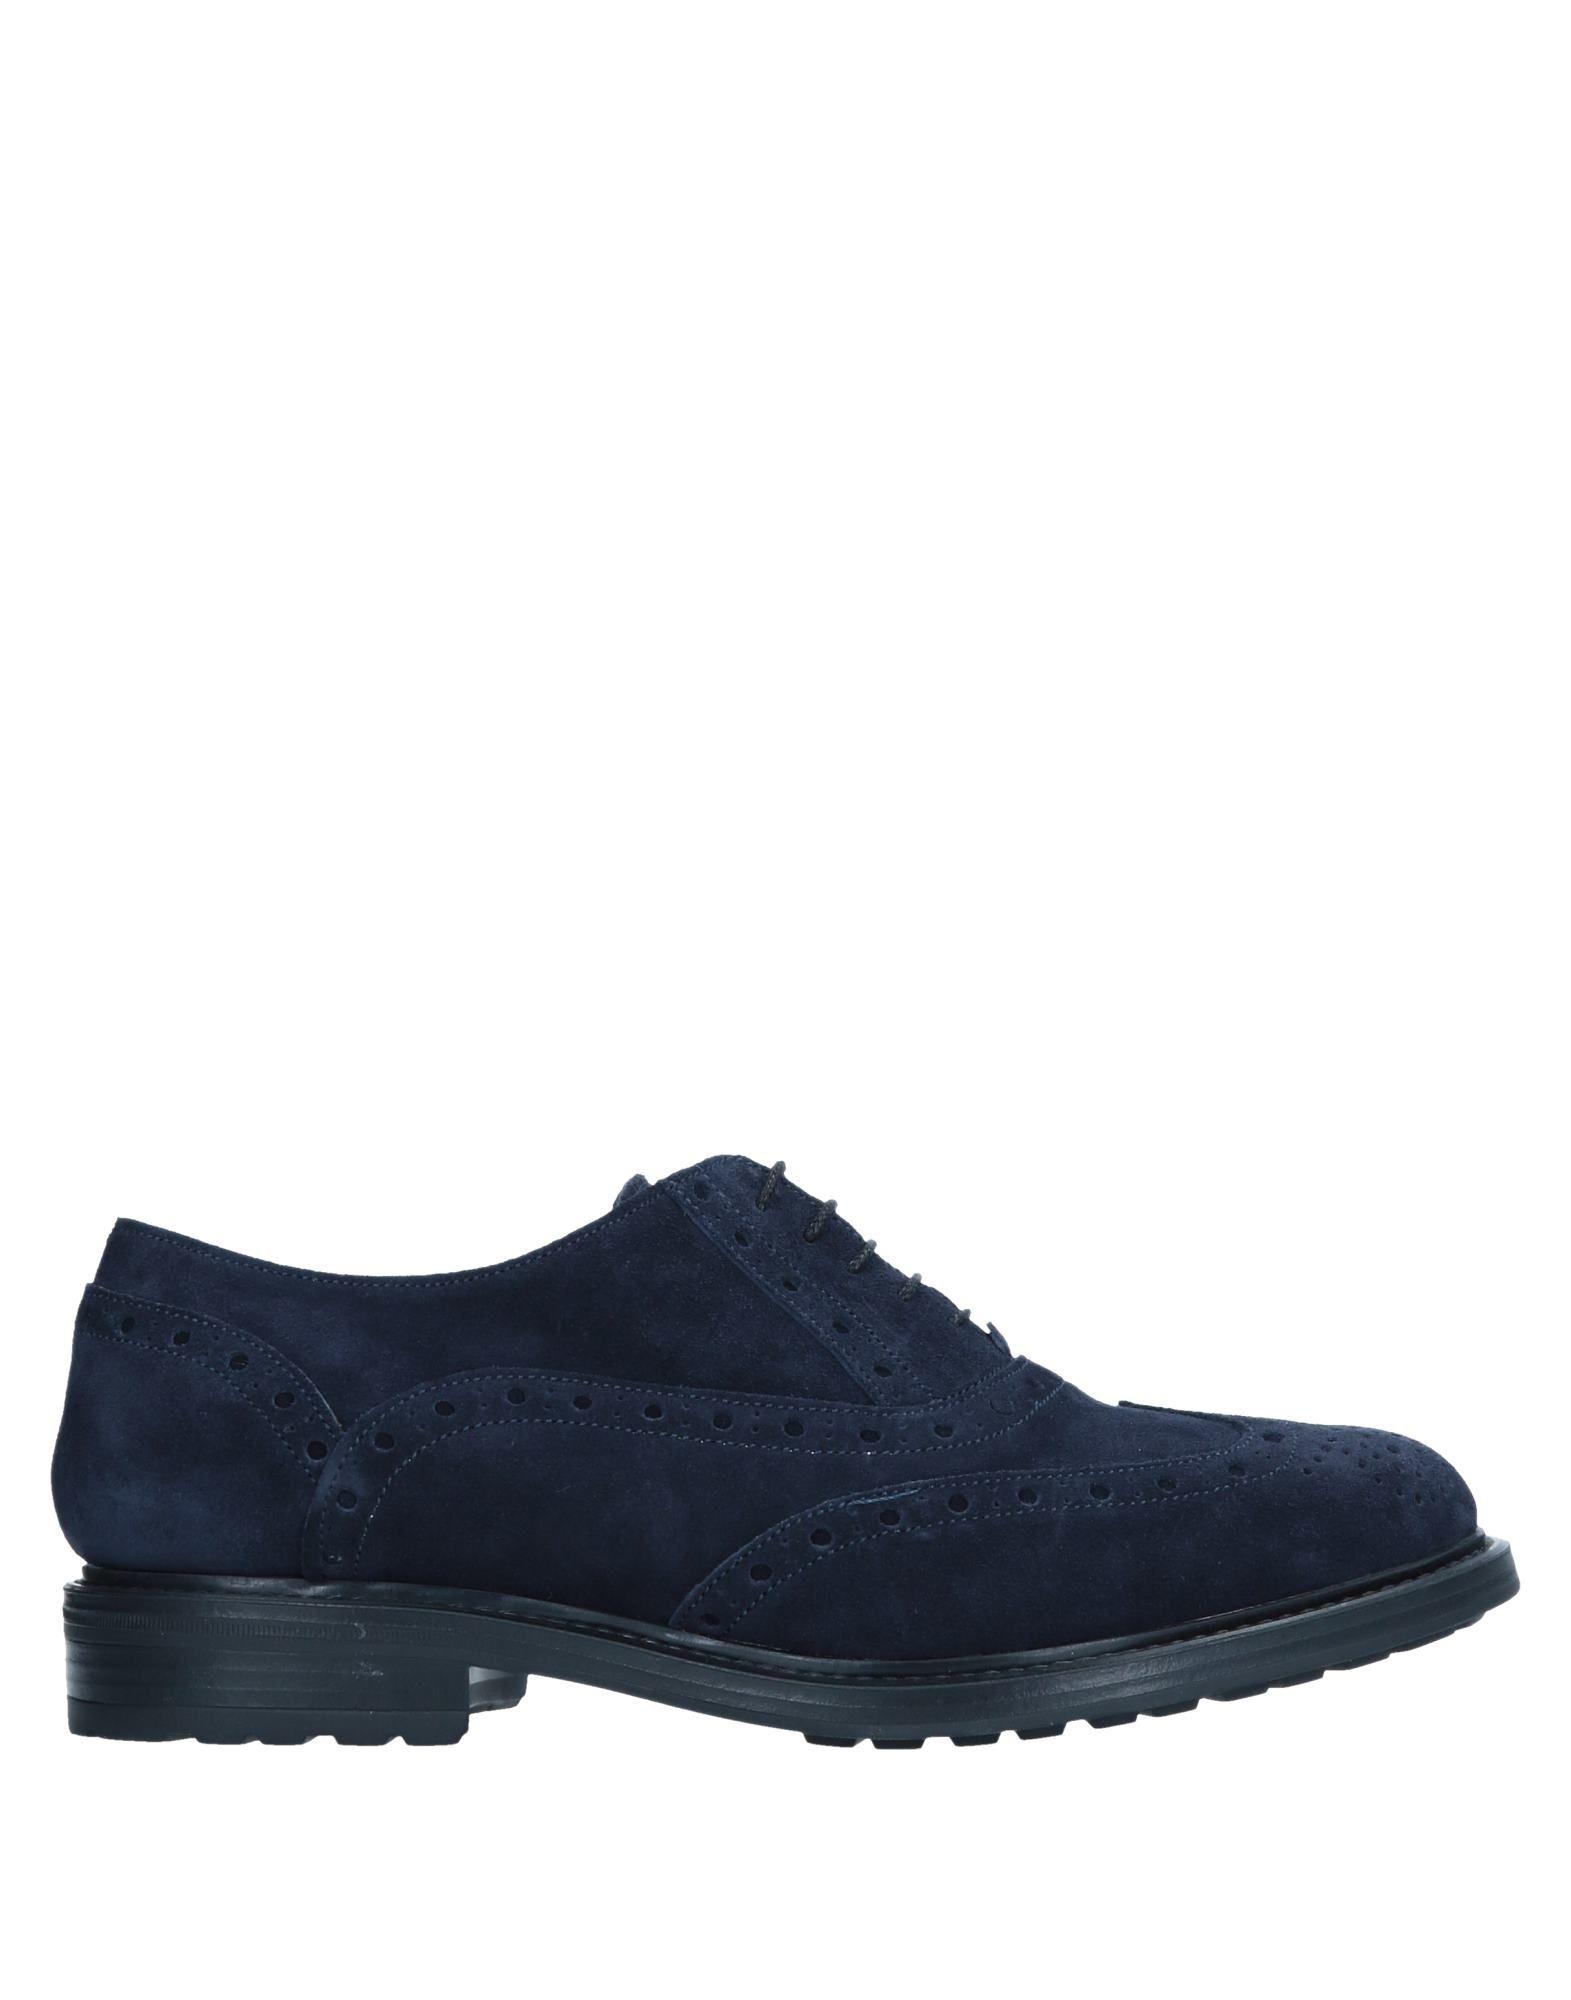 Rabatt echte Schuhe Devon Schnürschuhe Herren  11557635OW